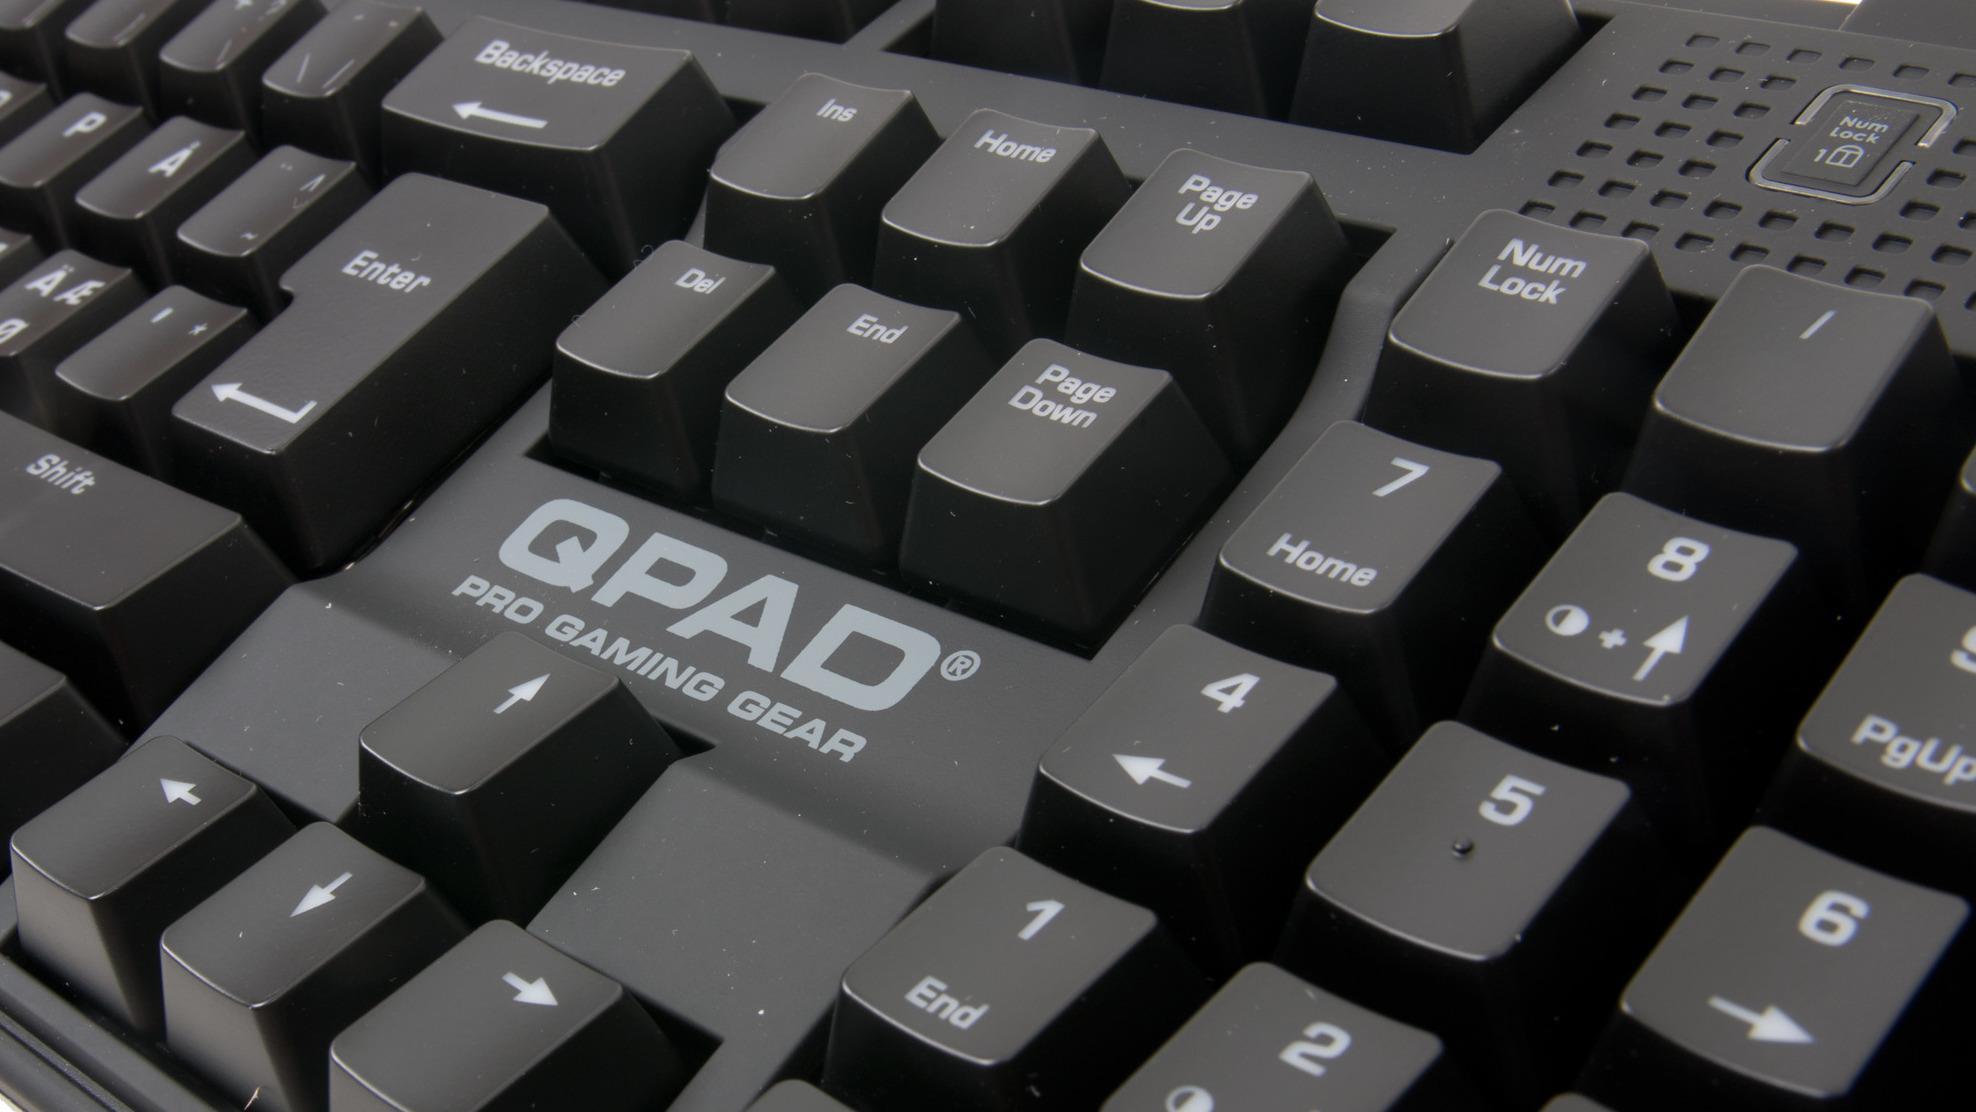 Qpad MK-70